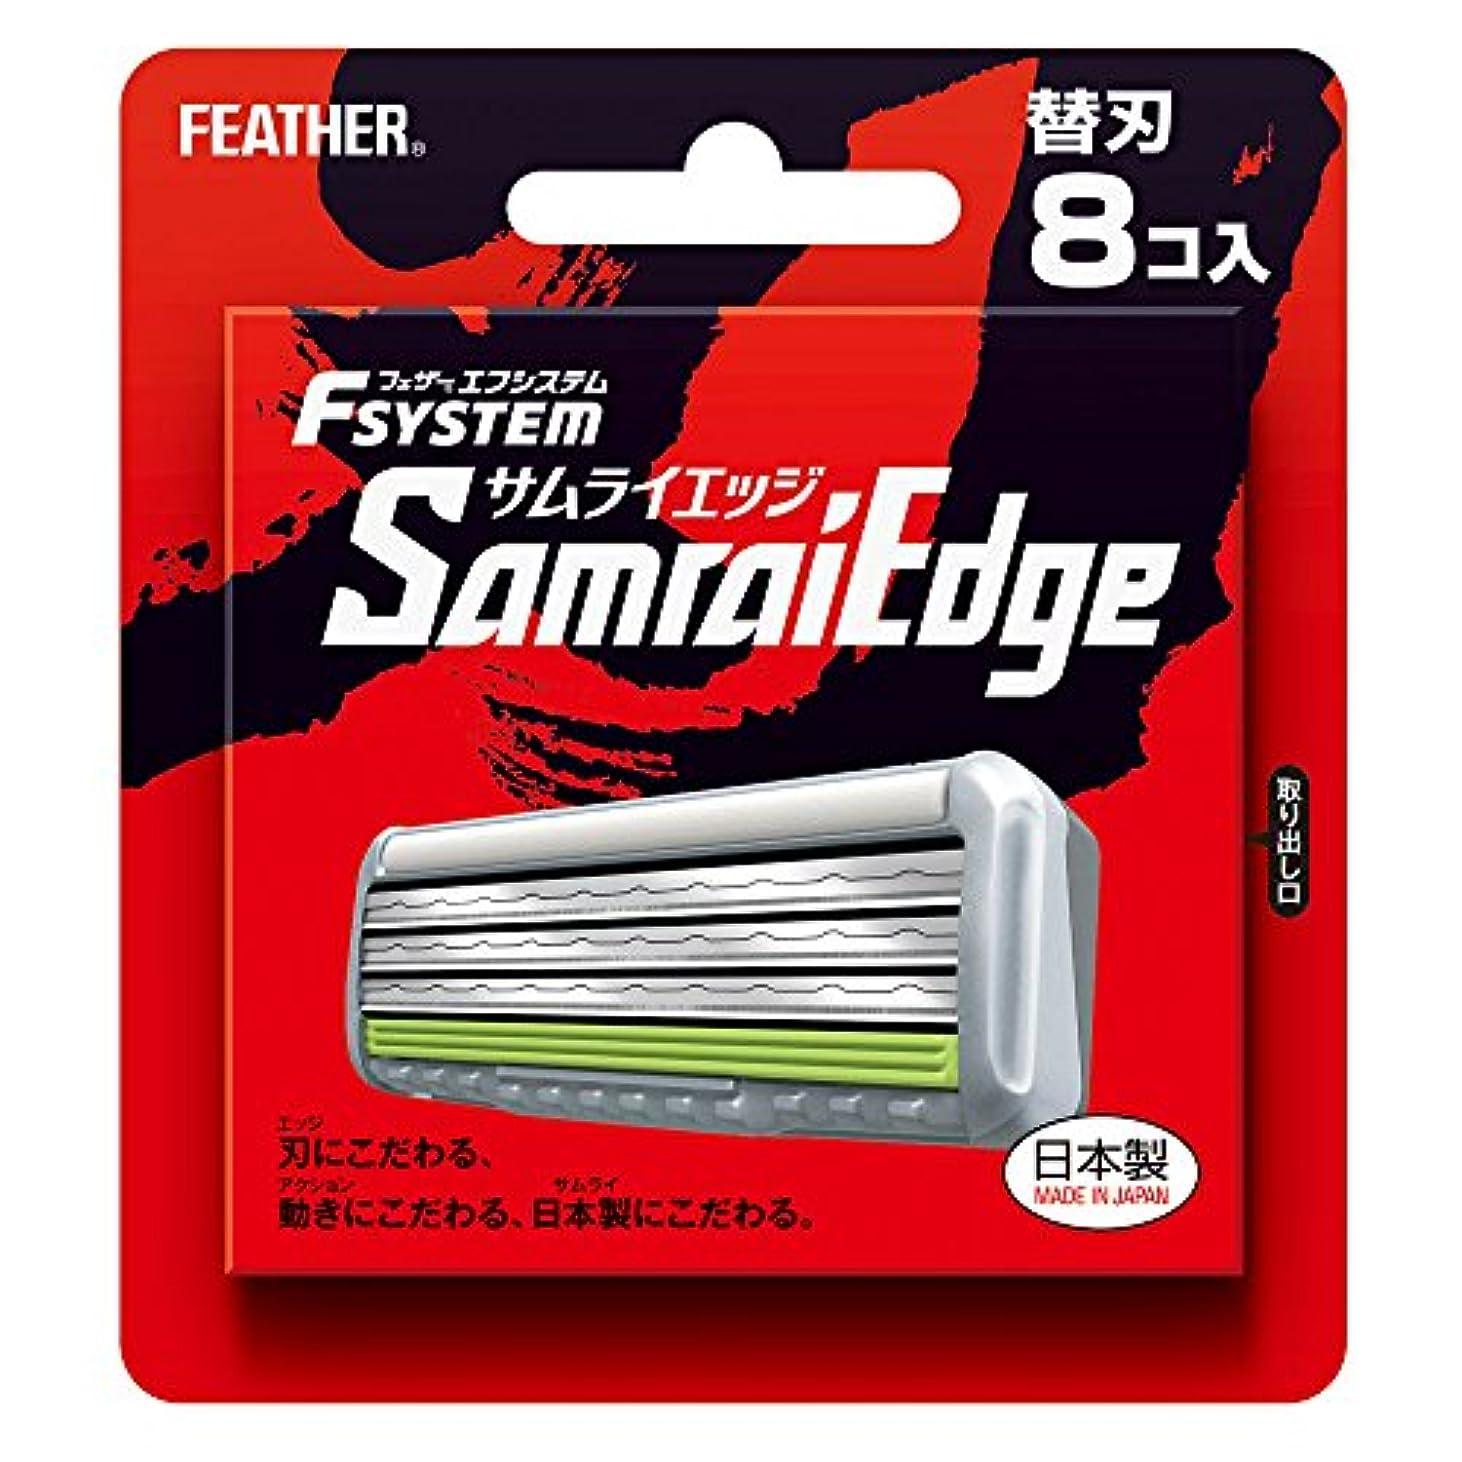 スコア歌手見る人フェザー エフシステム 替刃 サムライエッジ 8コ入 (日本製)